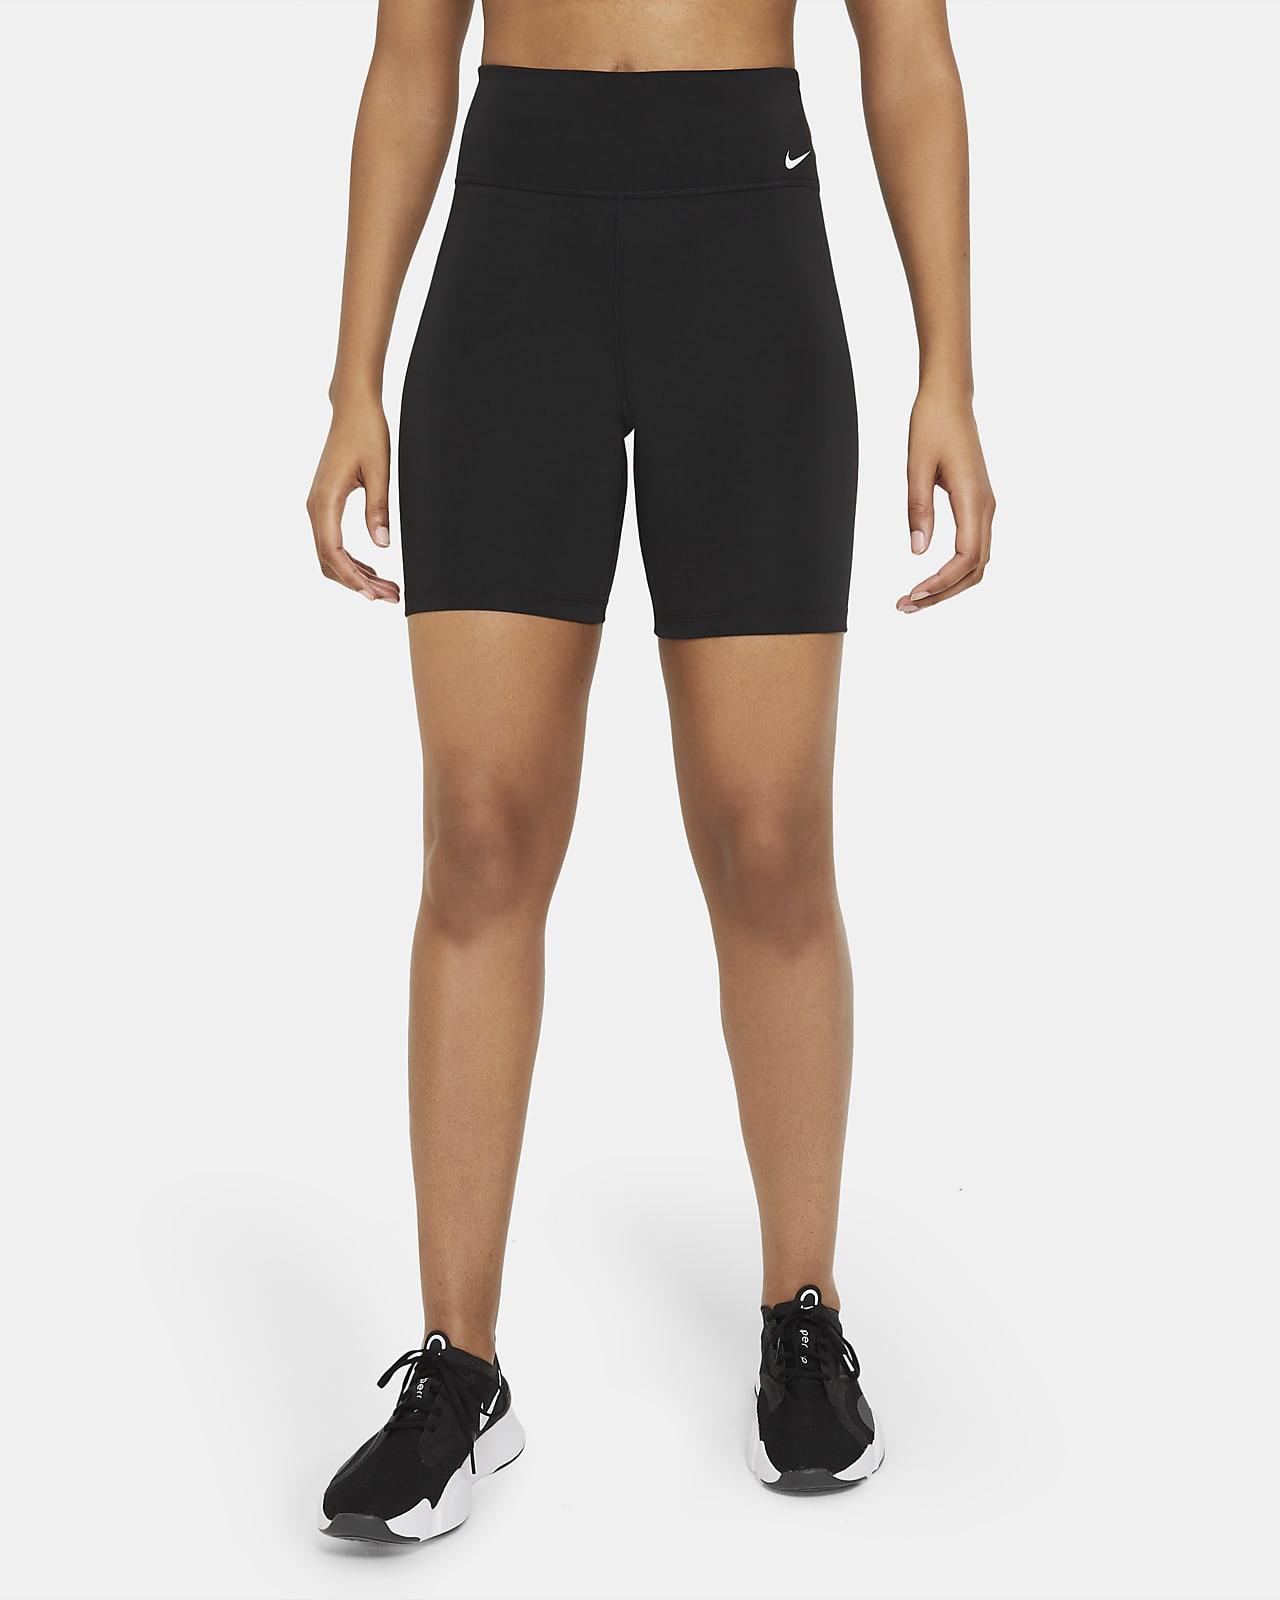 Dámské 18cm kraťasy Nike One se středně vysokým pasem